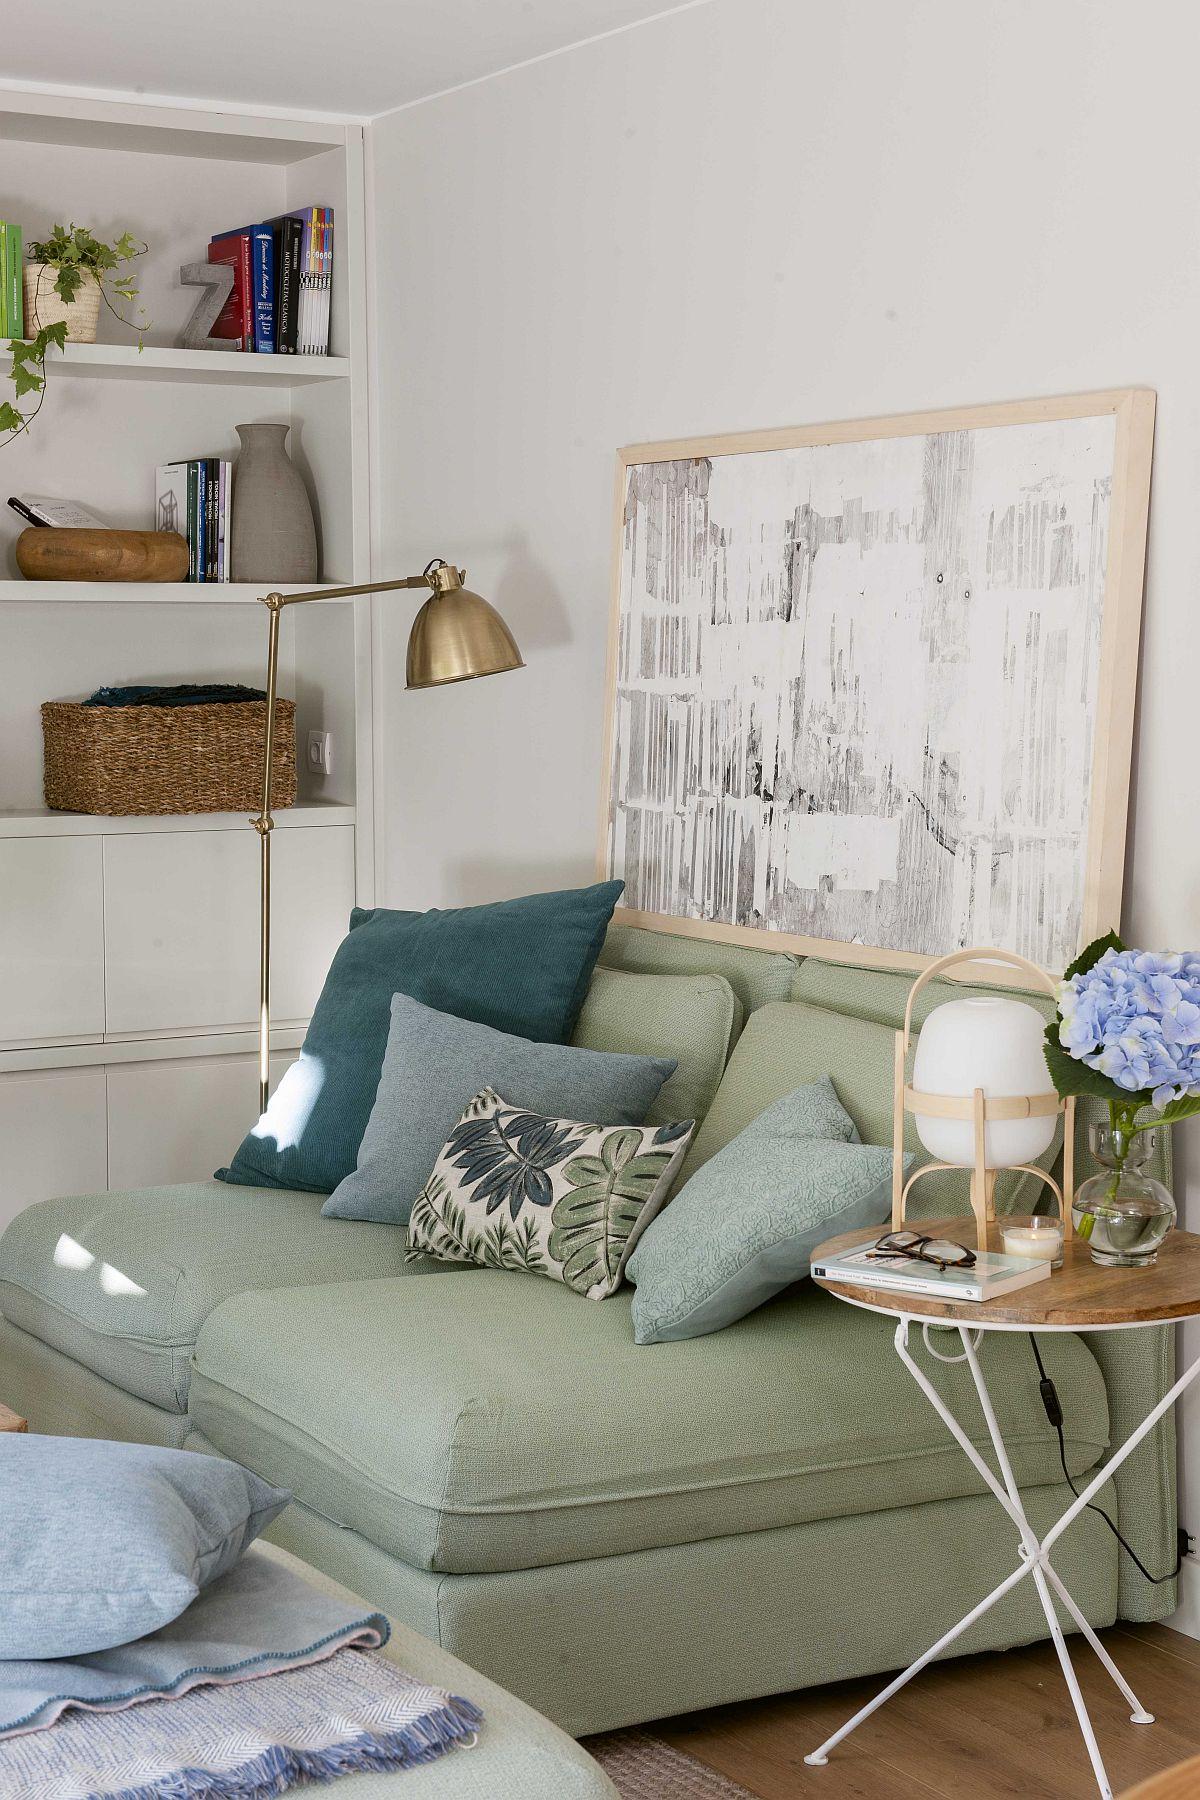 Accentele rustice sunt prezente și în zona canapelei, chiar dacă mult mai discret: măsuțele cu blat din lemn, rama din lemn a tabloului, coșurile împletite din bibliotecă. Un lampadar a fost ales pentru iluminare artificială punctată, binevenit mai ales pe timp de seară.